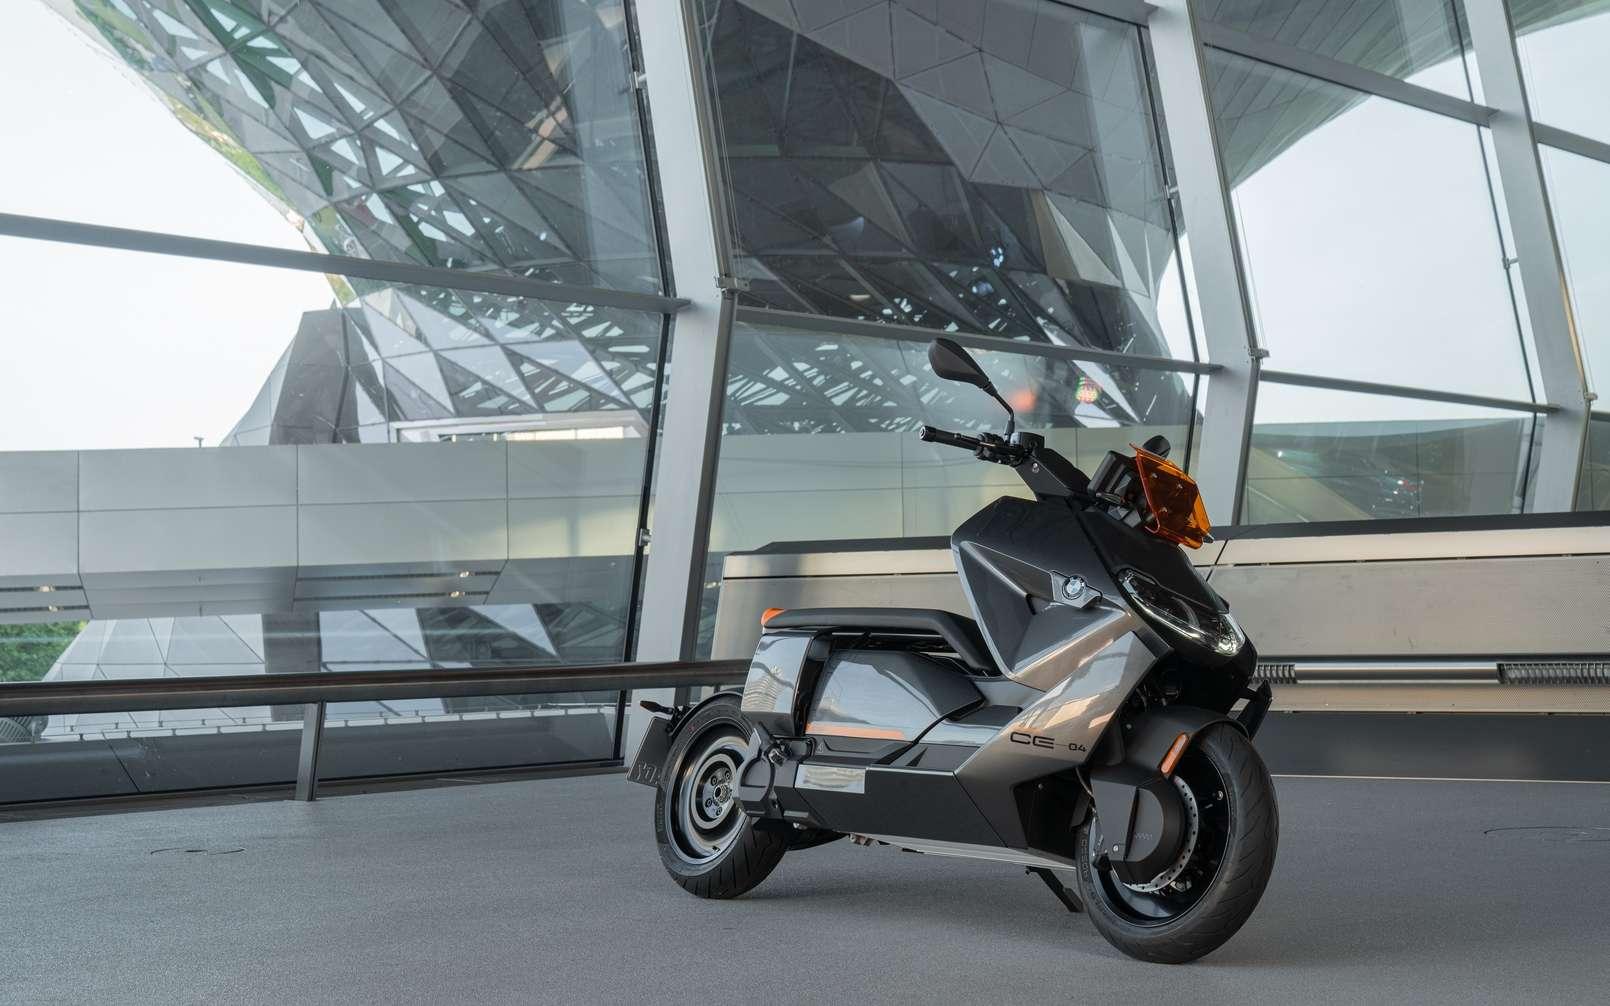 La version de série du BMW CE 04 reprend presque trait pour trait le Concept Link présenté en 2017. © BMW